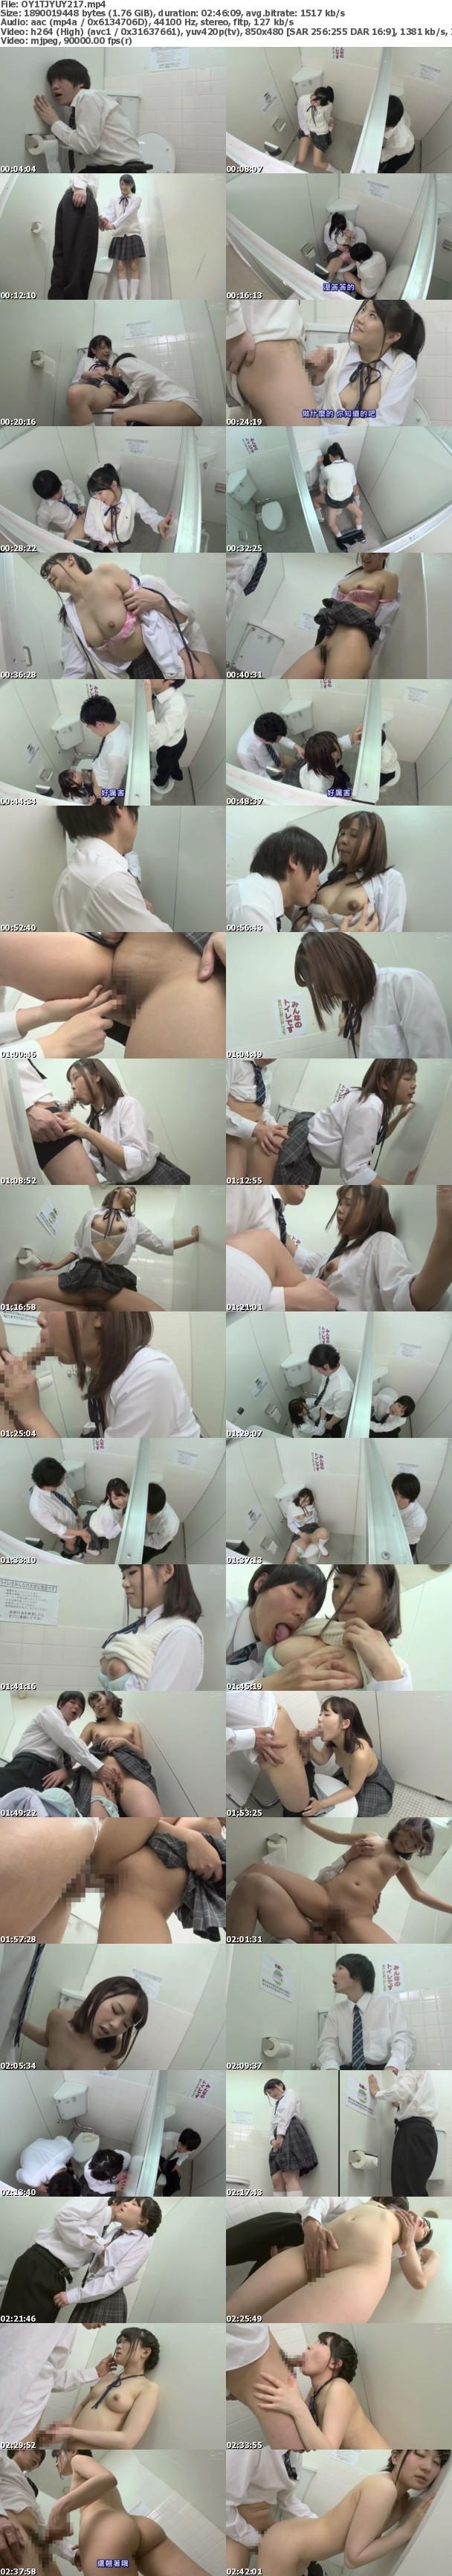 OYC-217 體育館旁的女廁是公車妹的洩慾場![中文字幕]